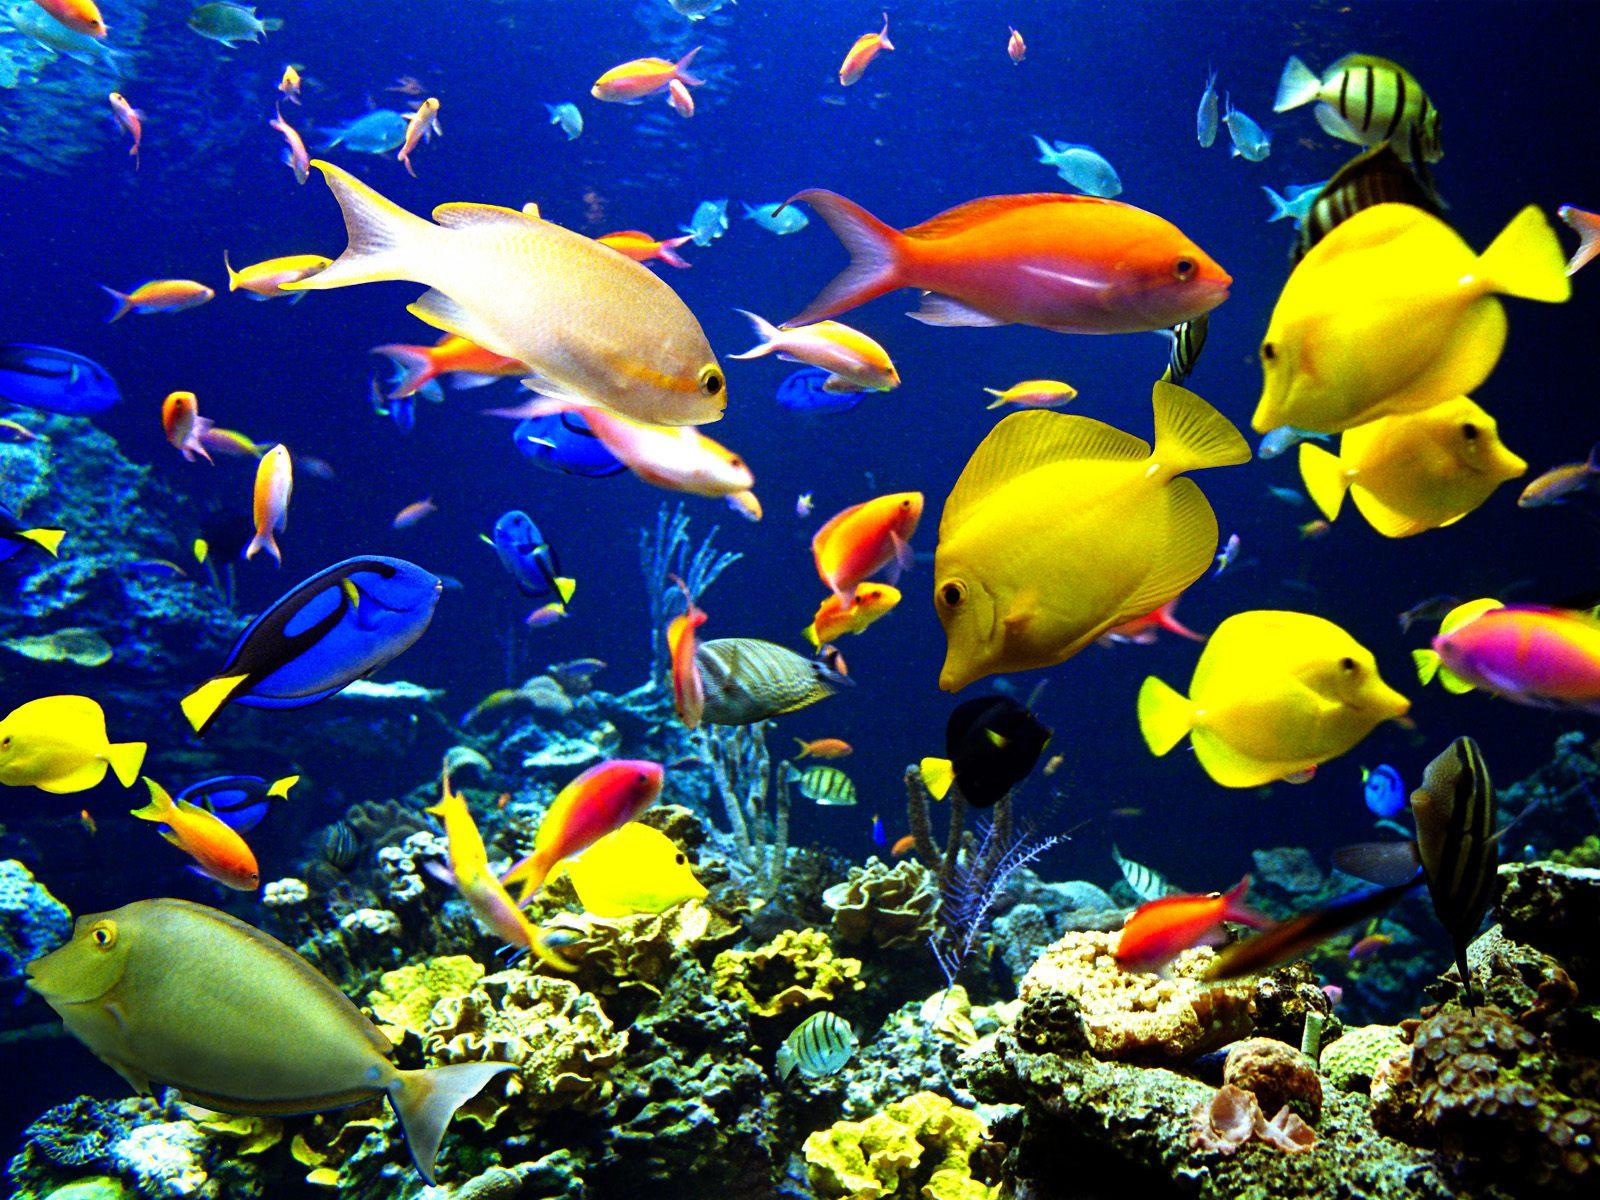 Au del des mots les id es sont comme les poissons - Poisson image ...